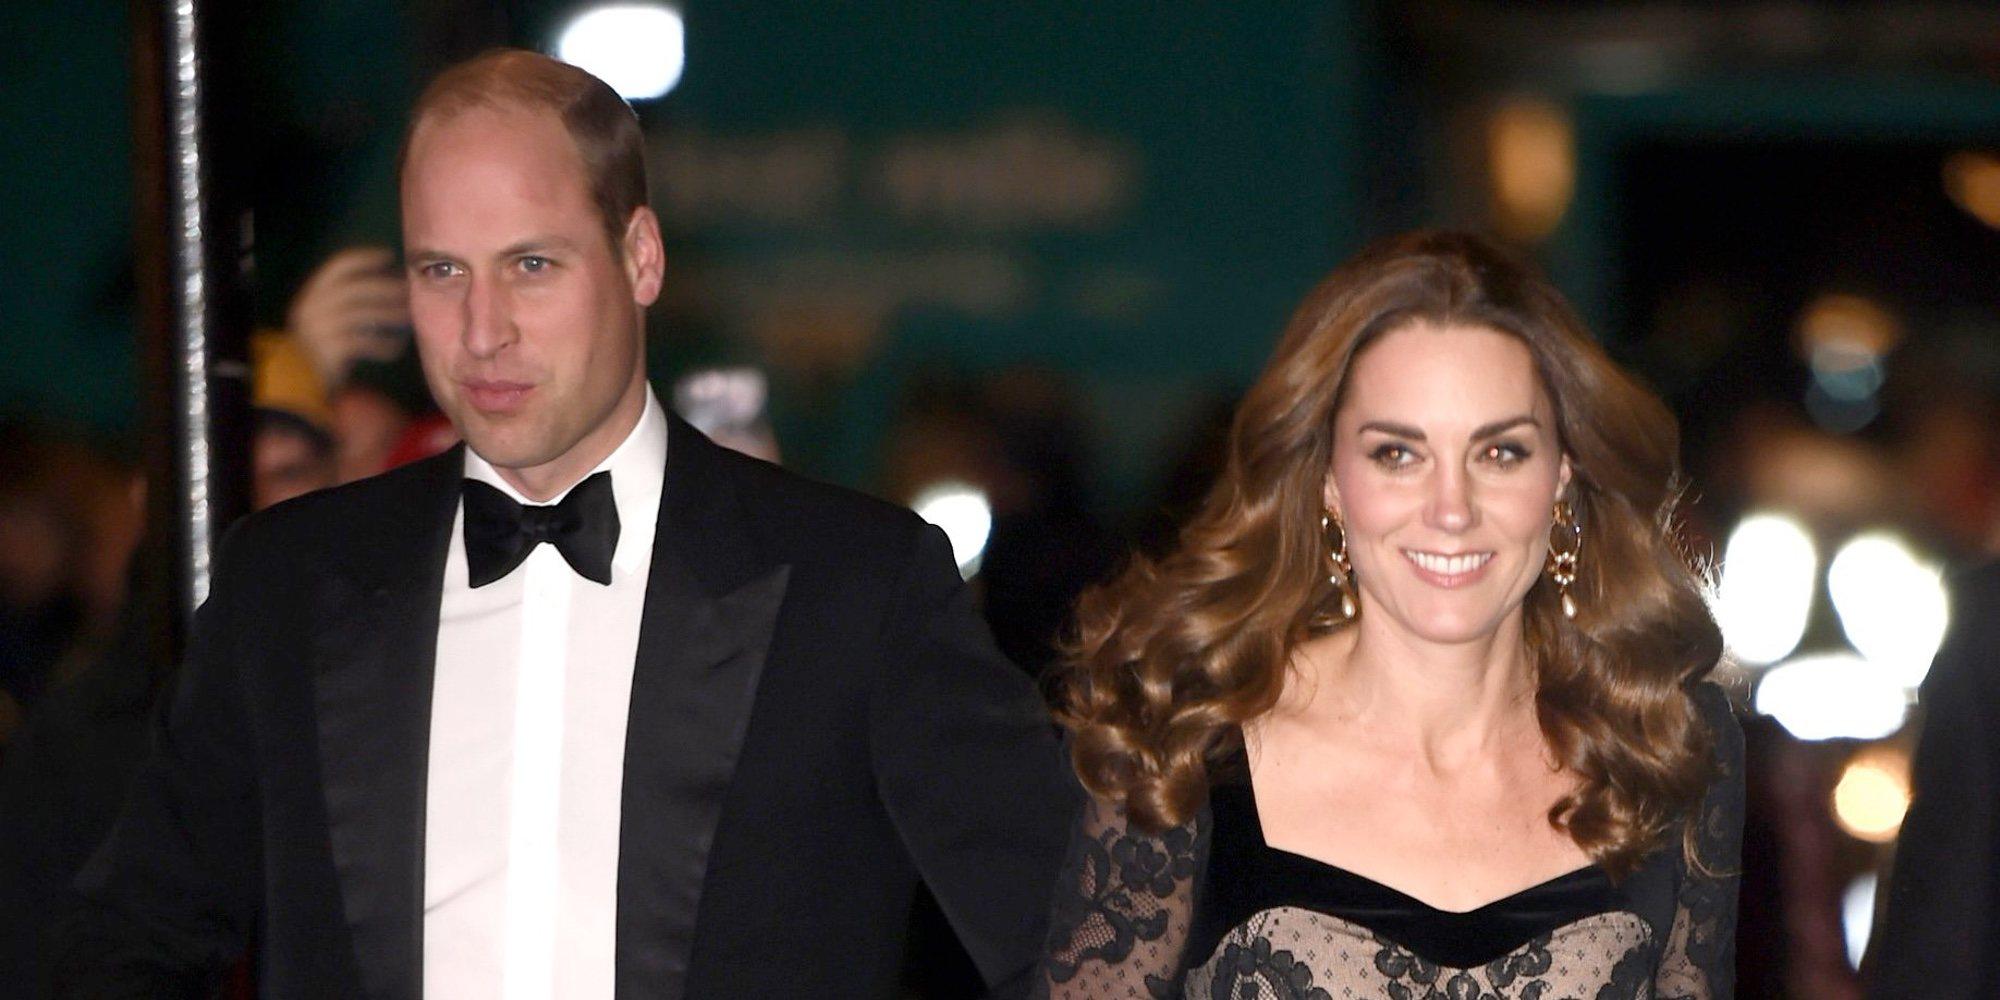 El Príncipe Guillermo y Kate Middleton, todo simpatía en mitad de la crisis de imagen de la Familia Real Británica